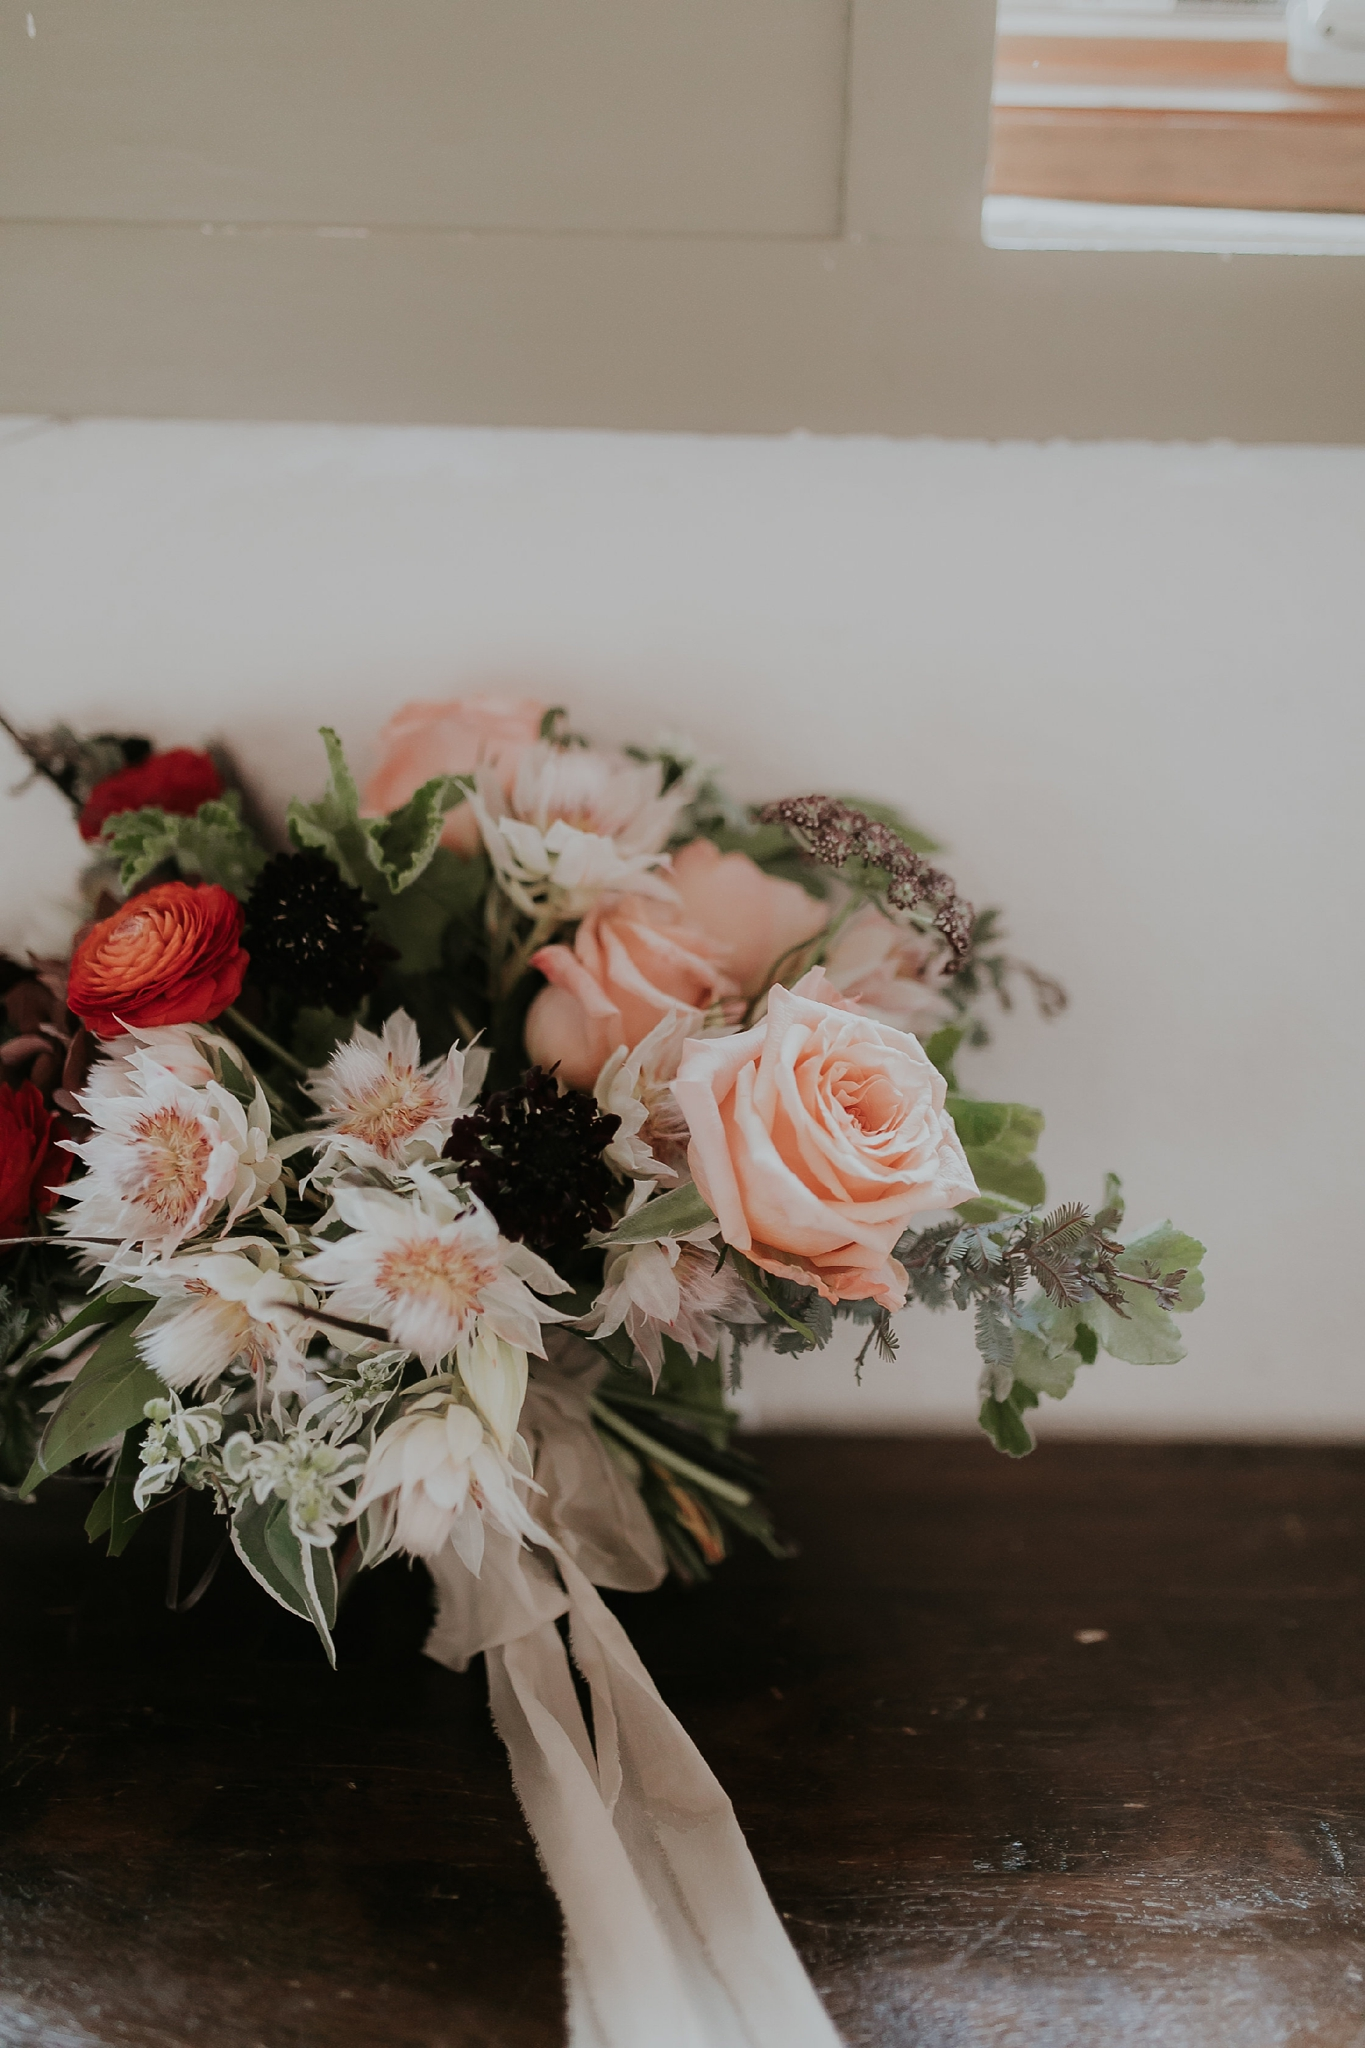 Alicia+lucia+photography+-+albuquerque+wedding+photographer+-+santa+fe+wedding+photography+-+new+mexico+wedding+photographer+-+new+mexico+florist+-+wedding+florist+-+renegade+floral_0081.jpg